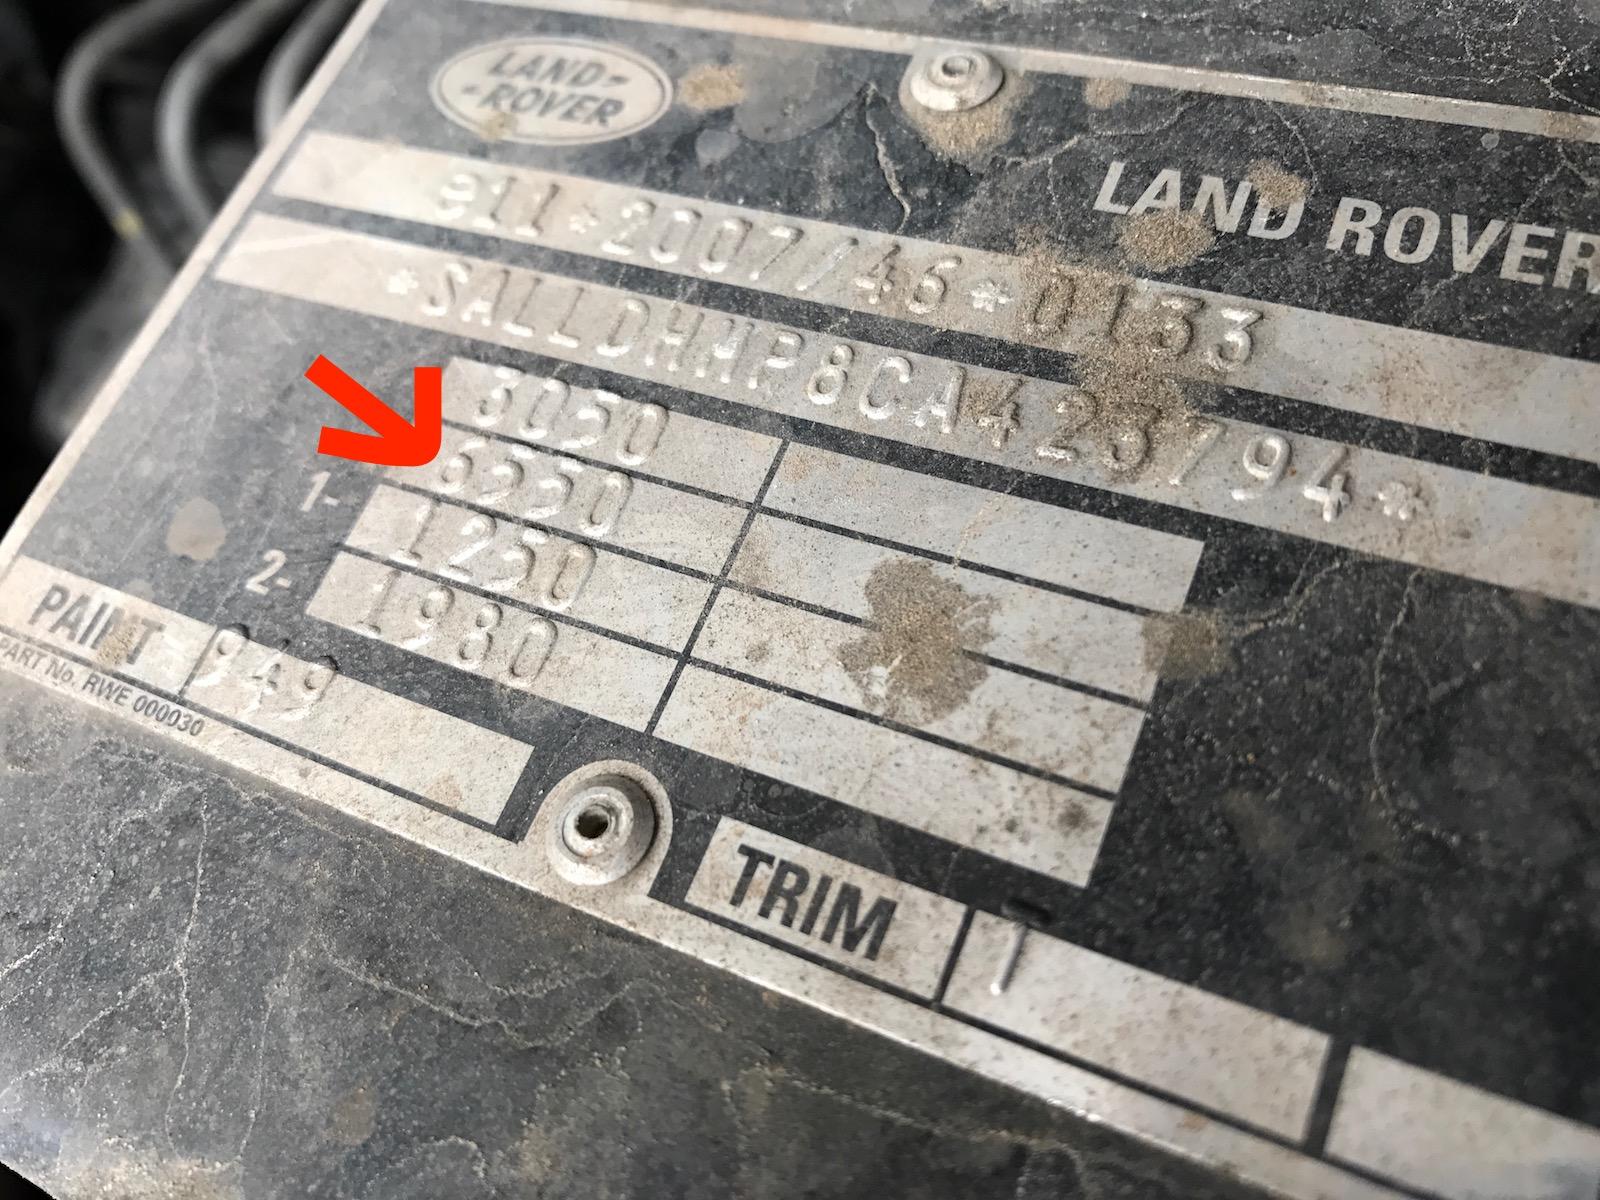 Plakette im Motorraum Land Rover Defender, mit Informationen zur Anhängerkupplung